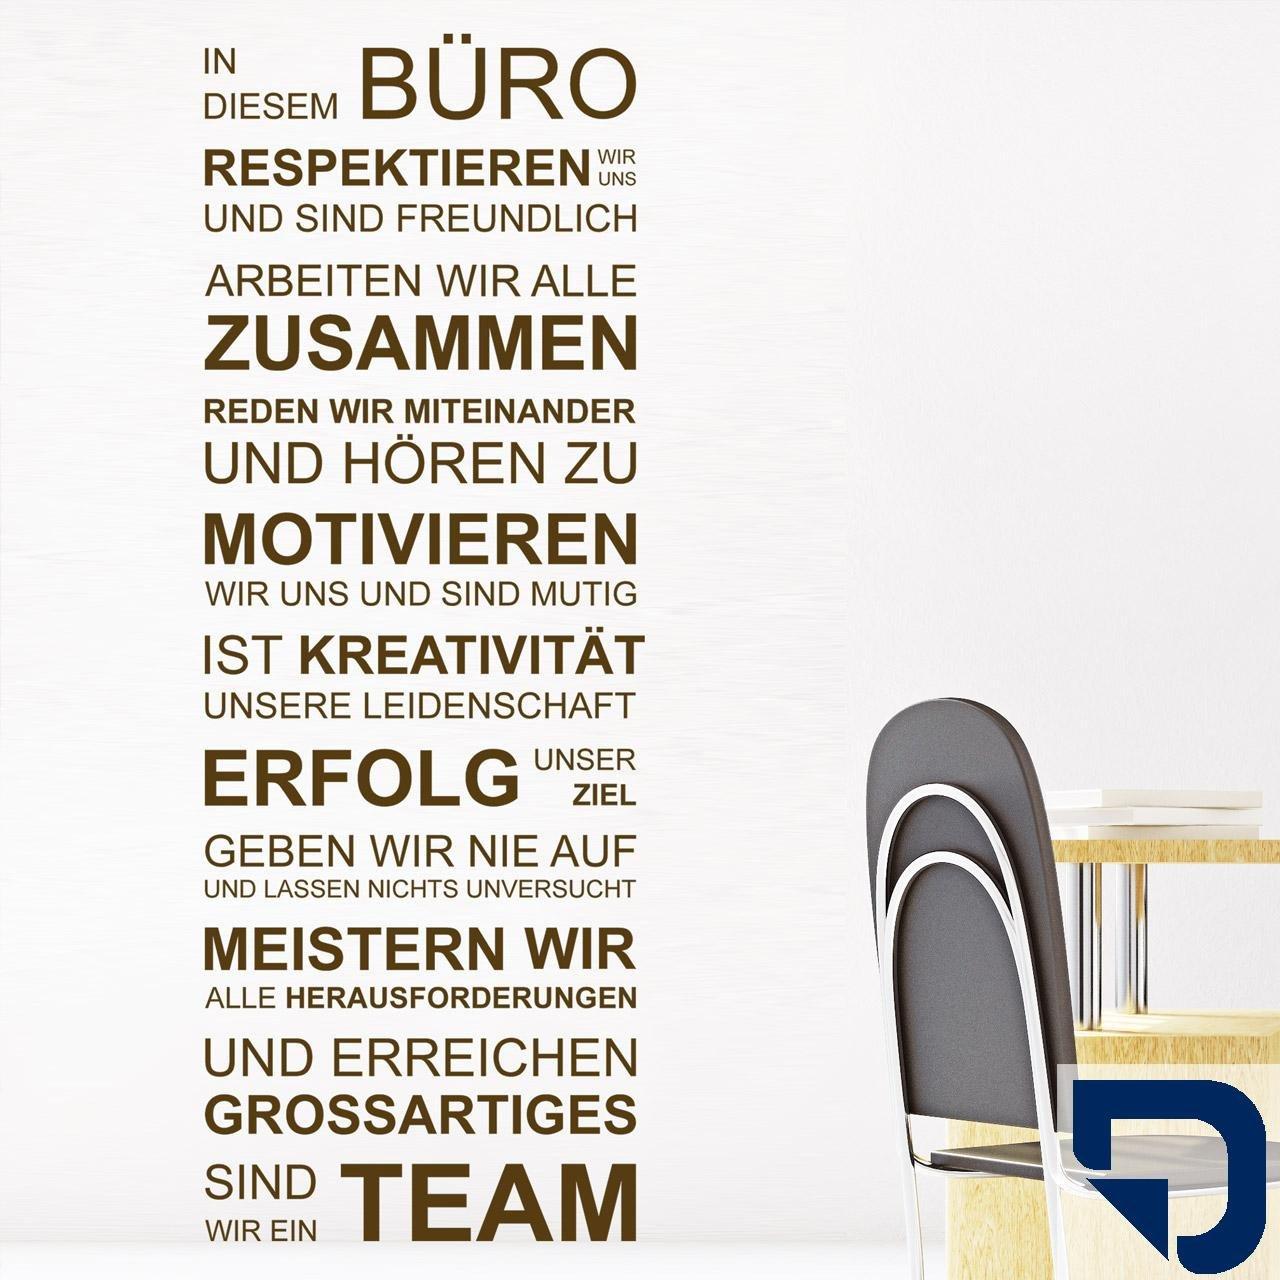 DESIGNSCAPE® Wandtattoo In diesem Büro respektieren respektieren respektieren wir uns, arbeiten wir alle zusammen, geben wir nie auf, sind wir ein Team... 67 x 180 cm (Breite x Höhe) schwarz DW801462-L-F4 B01DT7FJGK Wandtattoos & Wandbilder 79d88b